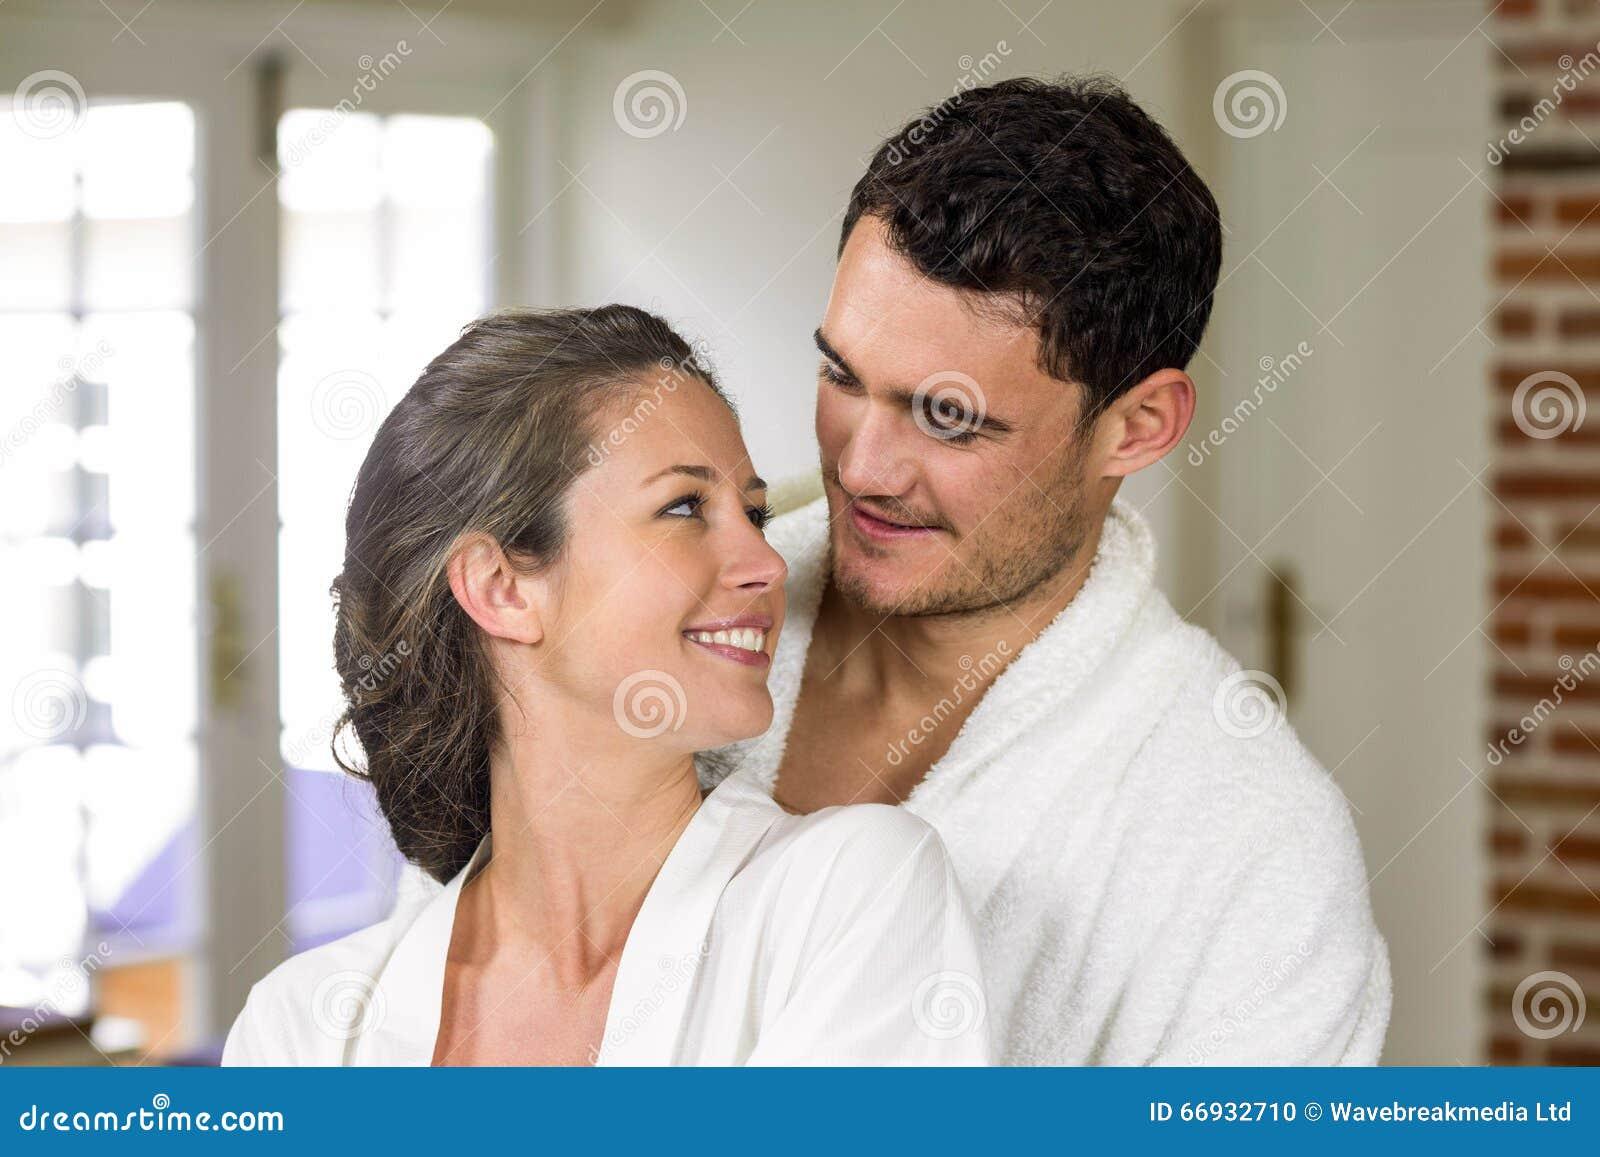 在微笑的浴巾的夫妇,当拥抱在厨房里时.图片